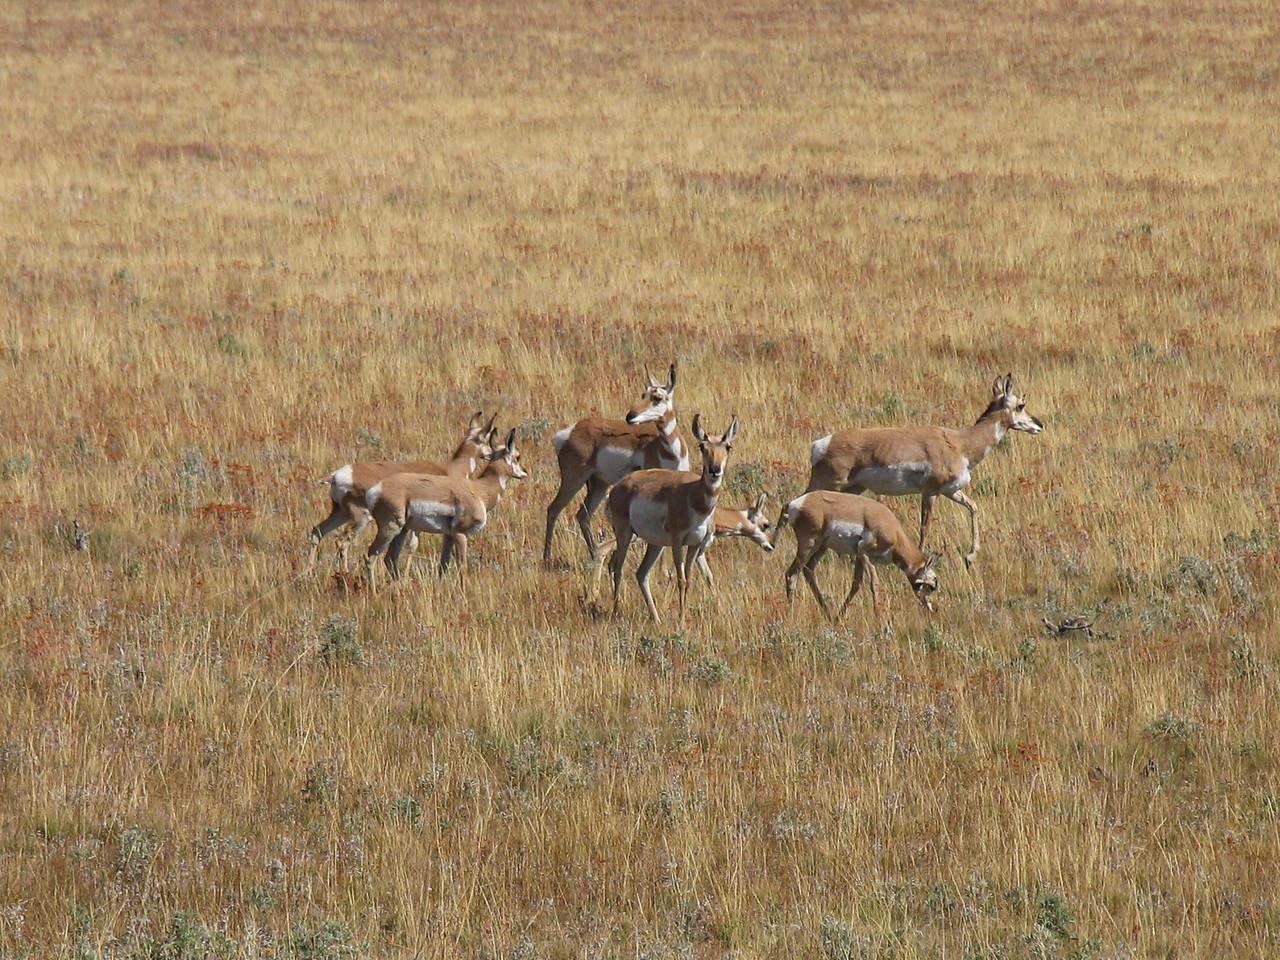 Antelope near Bridger-Teton National Forest - September 2004